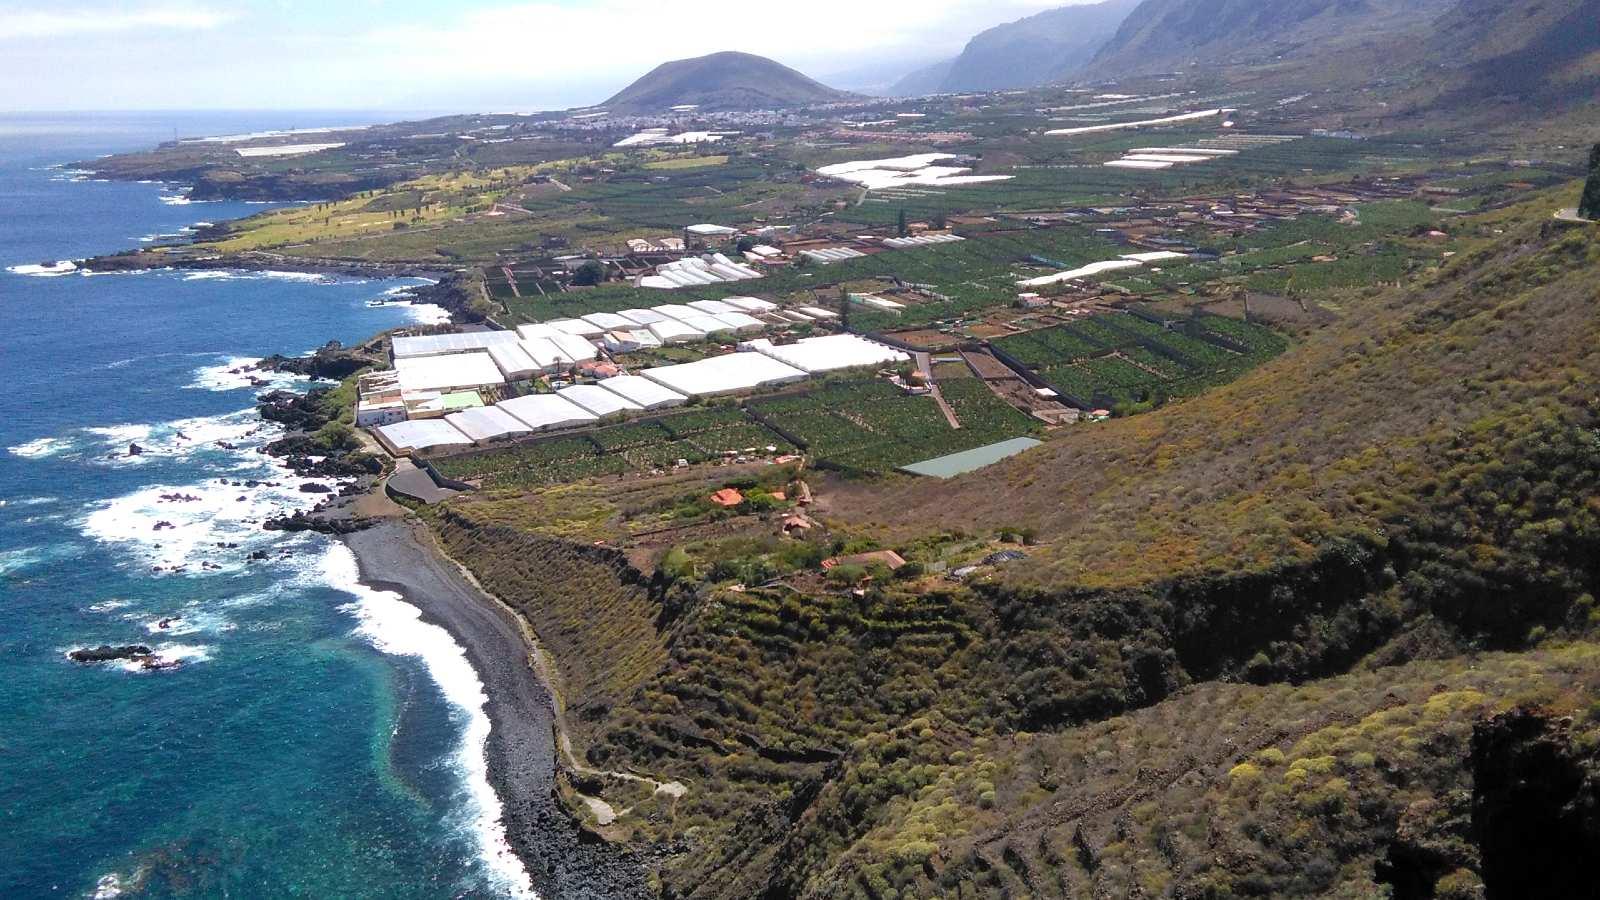 Vue panoramique sur Isla Baja depuis le point de vue d'El Fraile